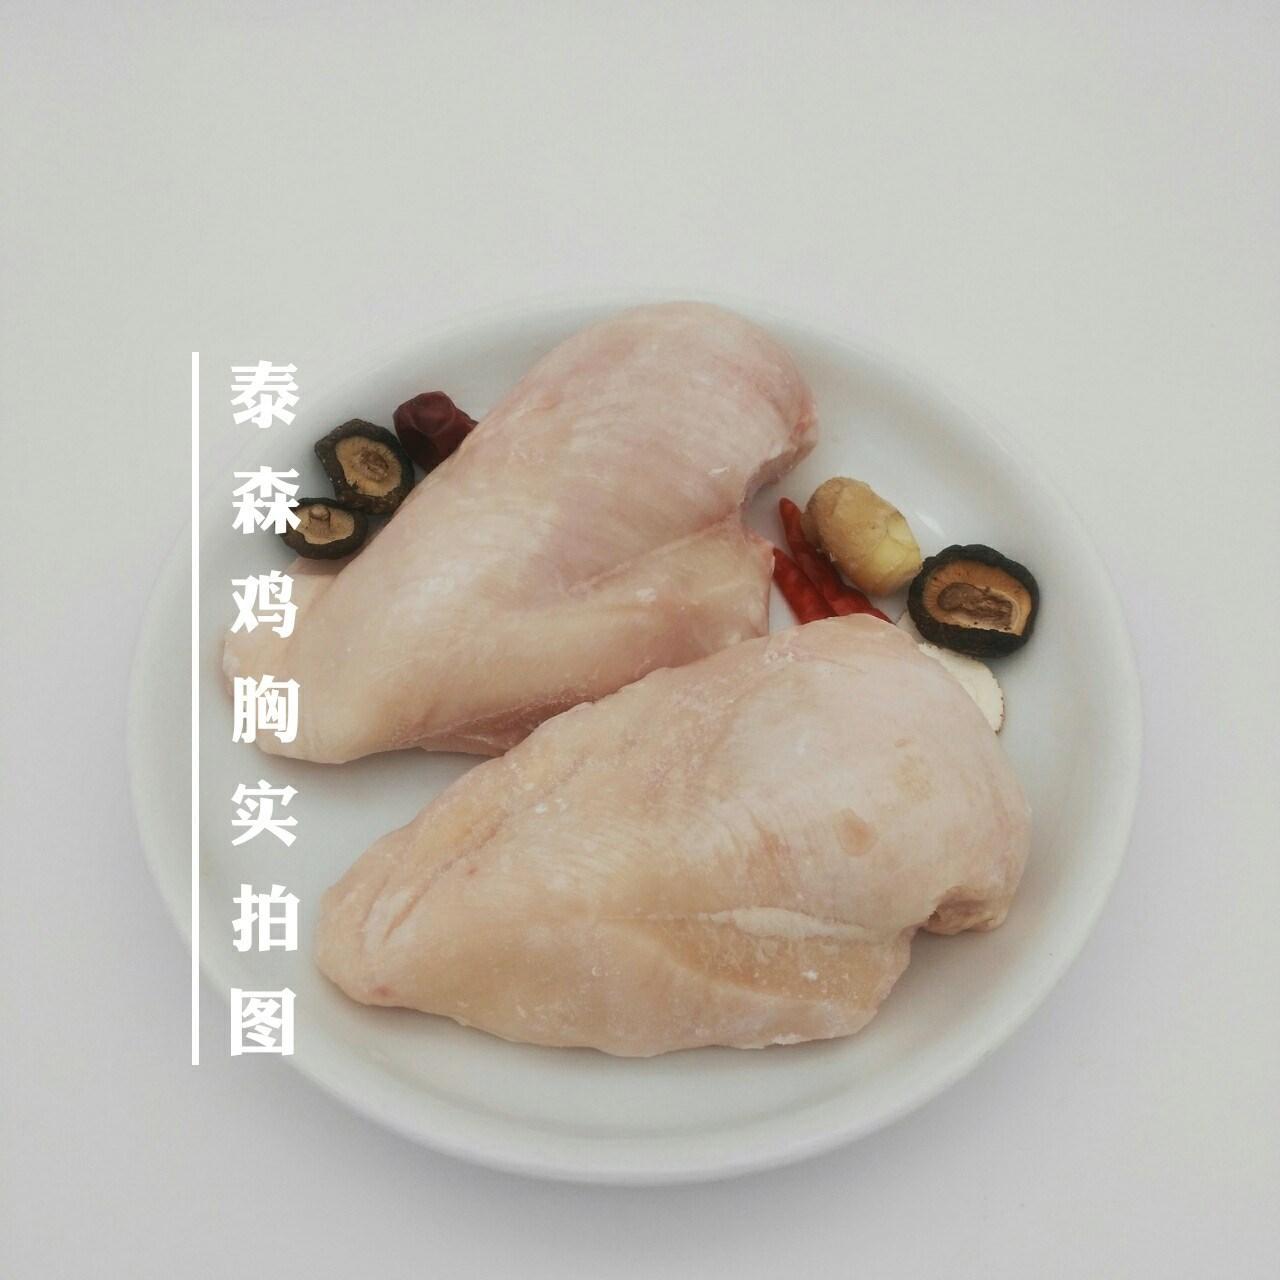 热销0件手慢无泰森鸡胸肉新鲜冷冻10kg包邮鸡脯肉